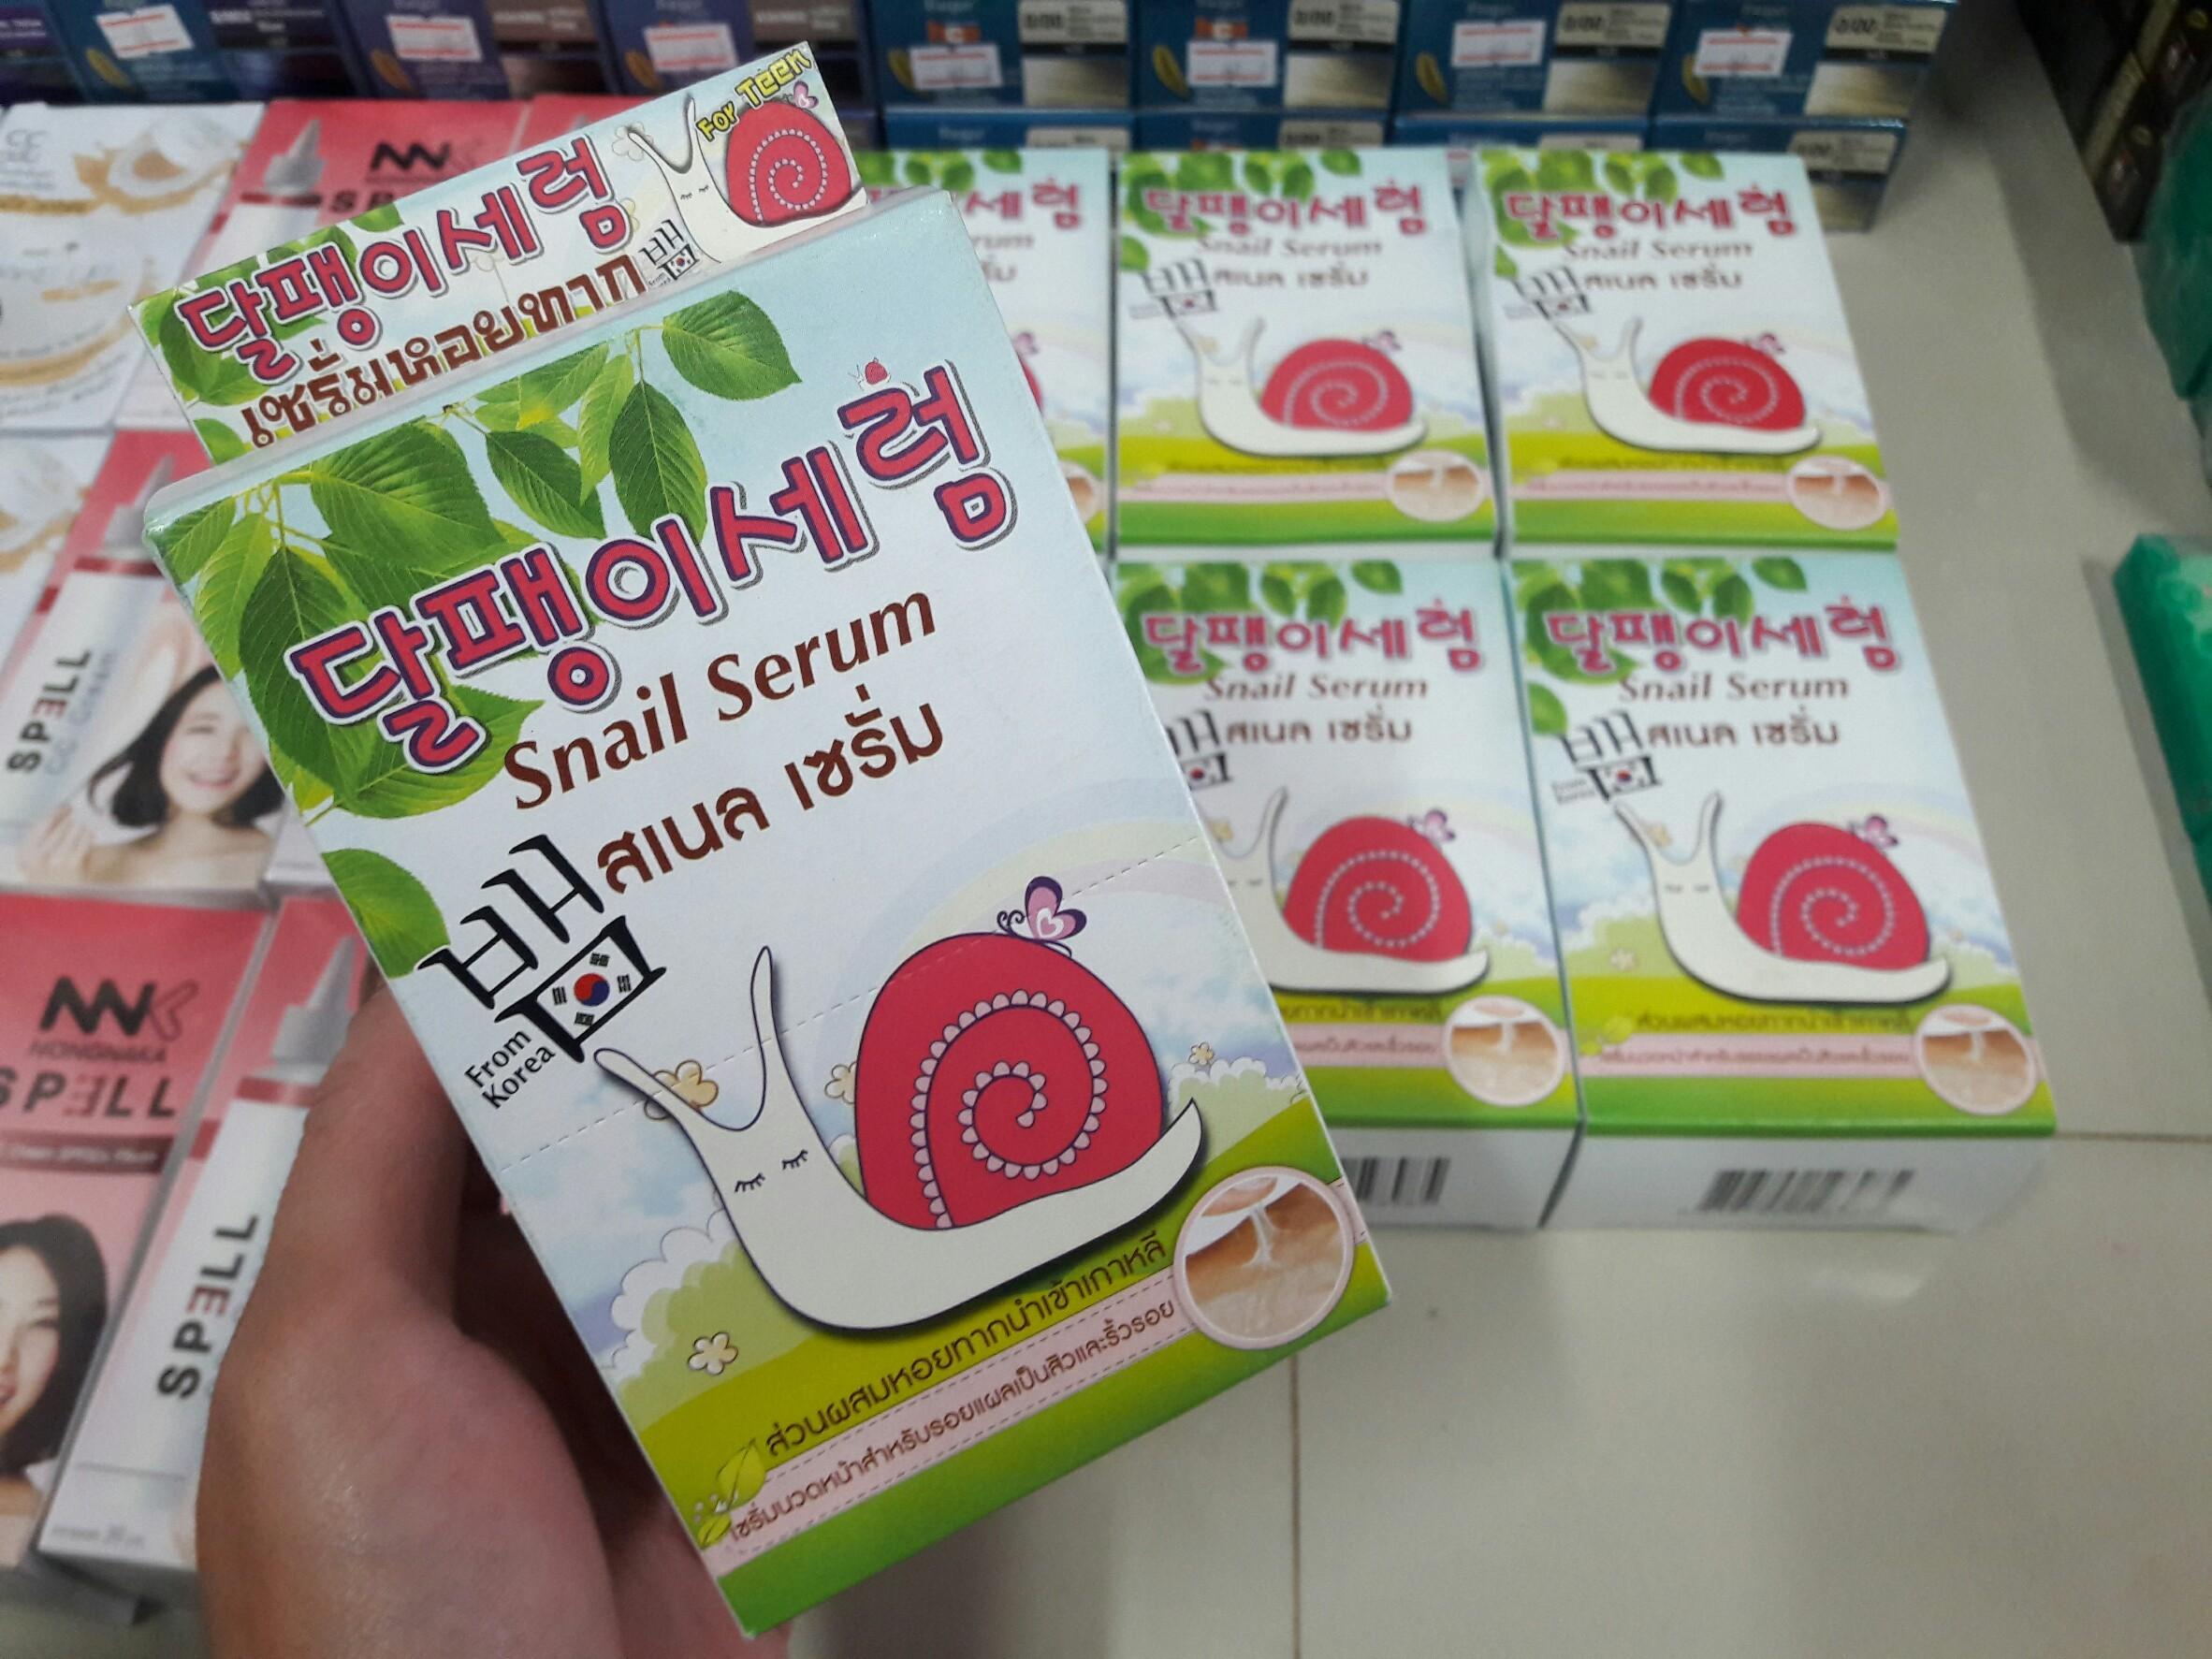 ขายสงครีมซองฟูจิ Fuji ฟูจิ ฟูจิเซรั่มหอยทาก สเนลเซรั่ม เซรั่มนวดหน้าสำหรับรอยเผลเป็นสิว และรอยแดงจากสิว